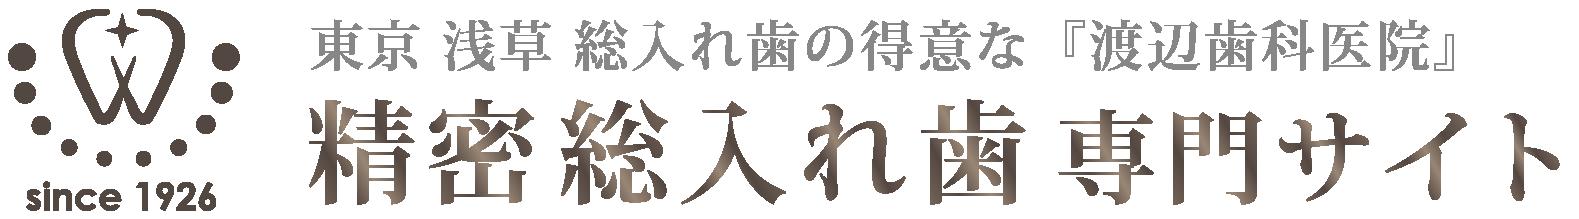 東京都台東区浅草の総入れ歯|東京『総入れ歯専門サイト』